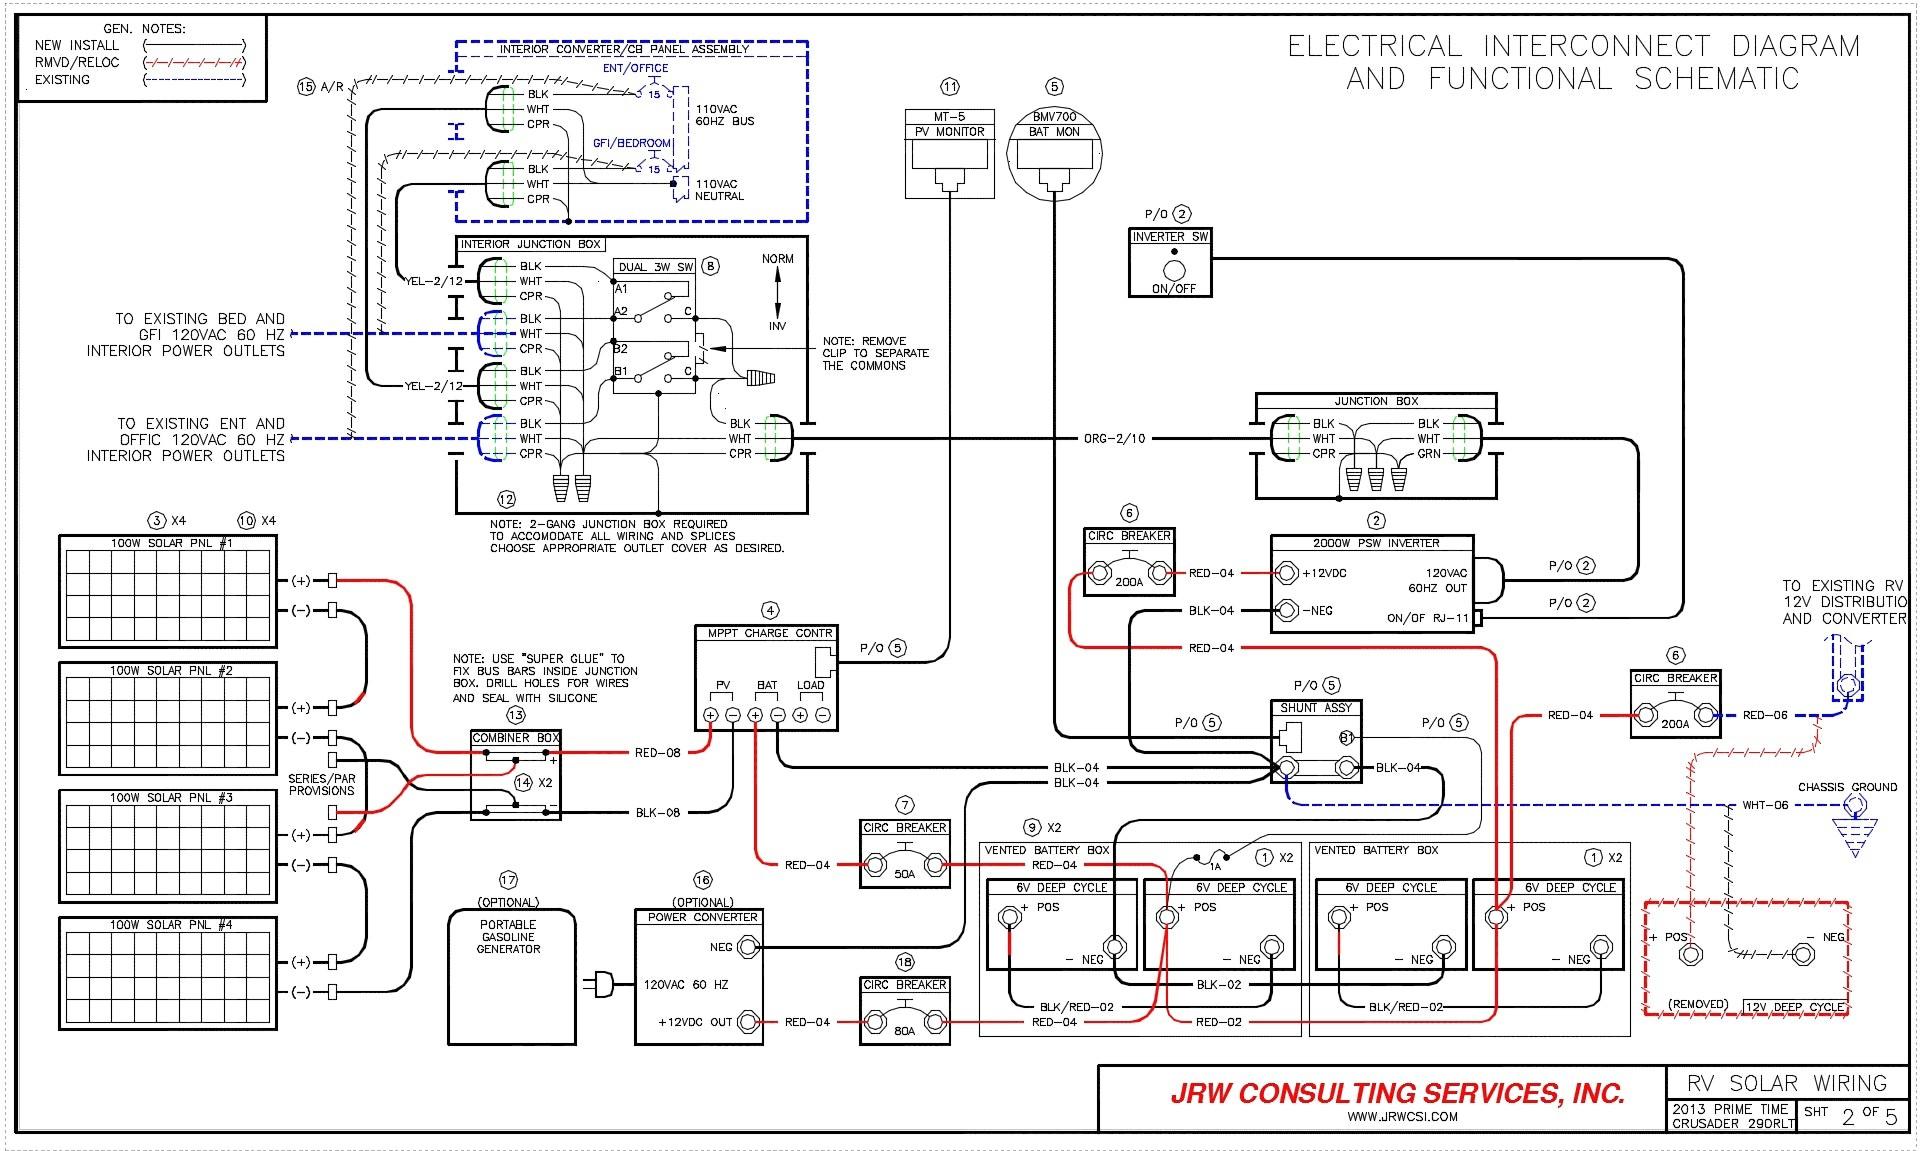 rv inverter wiring wire center \u2022 inverter schematic diagram rv inverter charger wiring diagram new wiring diagram image rh mainetreasurechest com rv battery inverter wiring